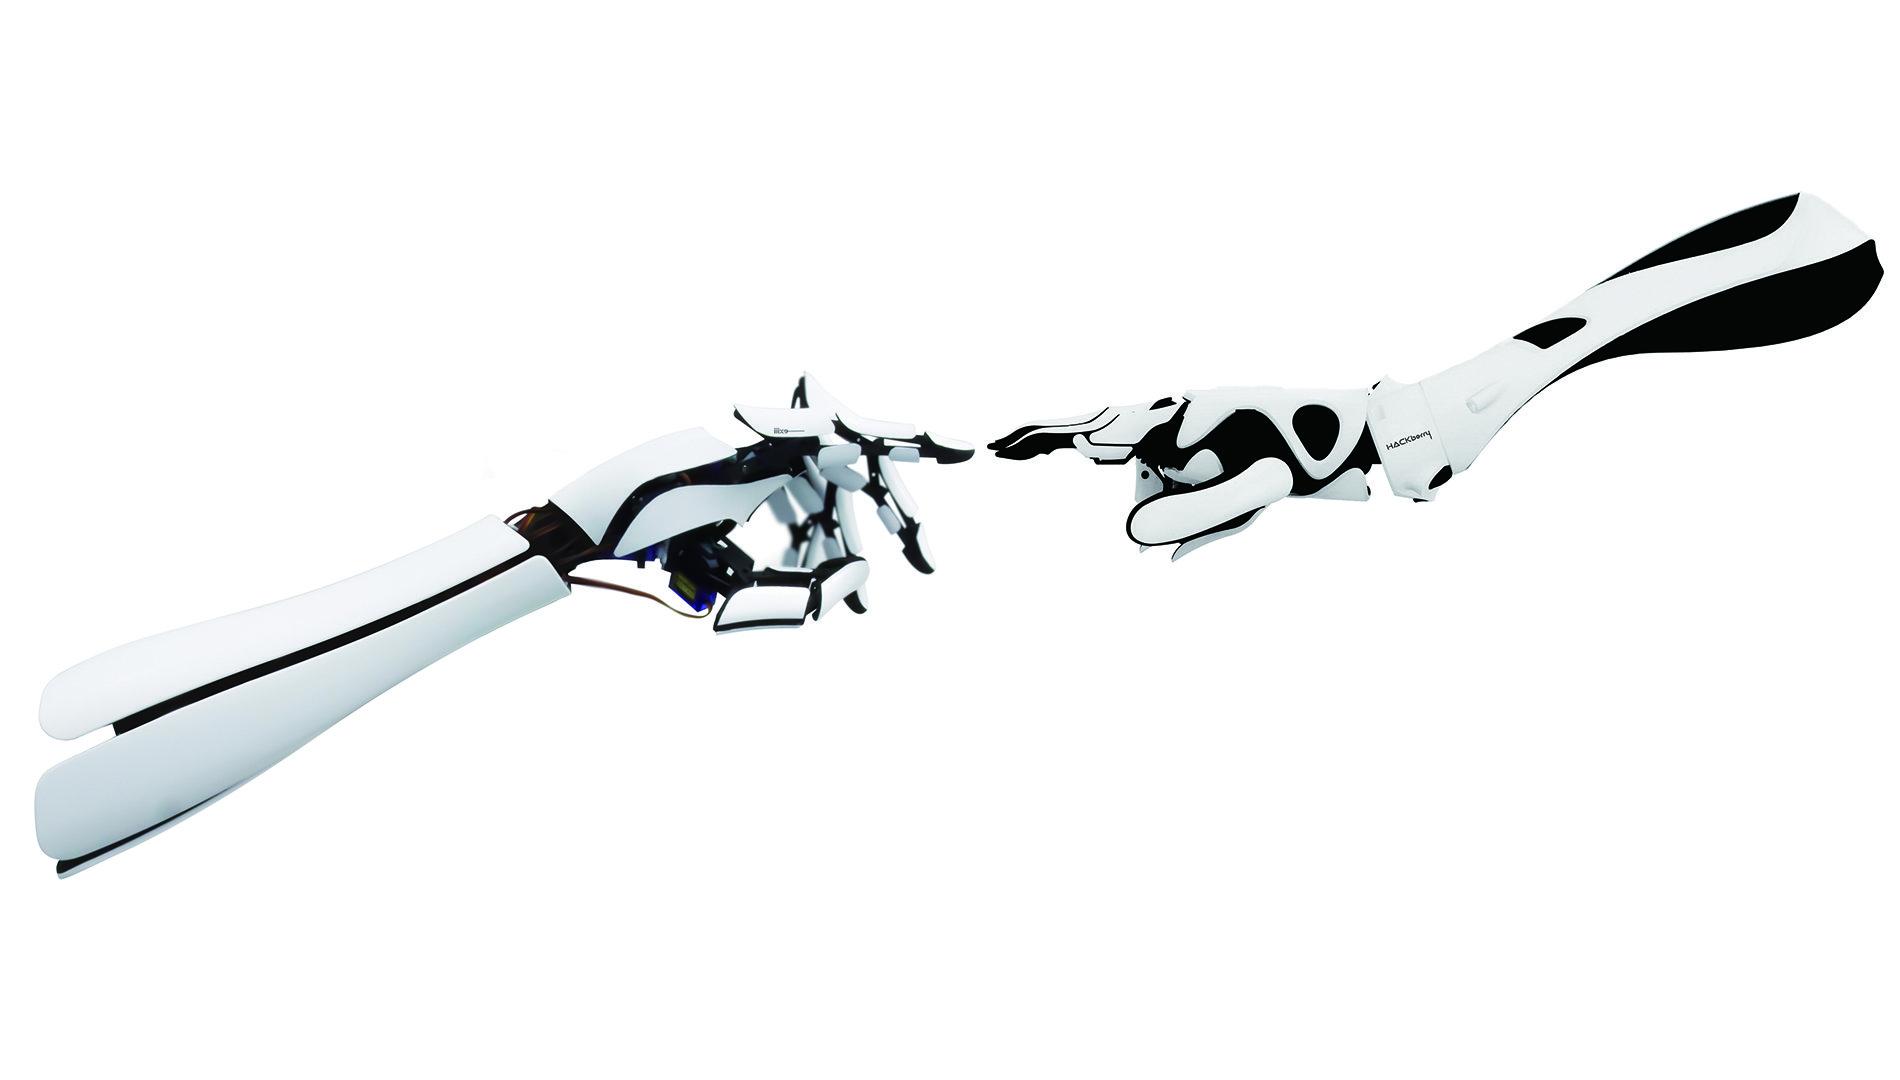 Mit Fingerspitzengefühl und cool anzuschauen: die bionische Prothese HACkberry von exiii.